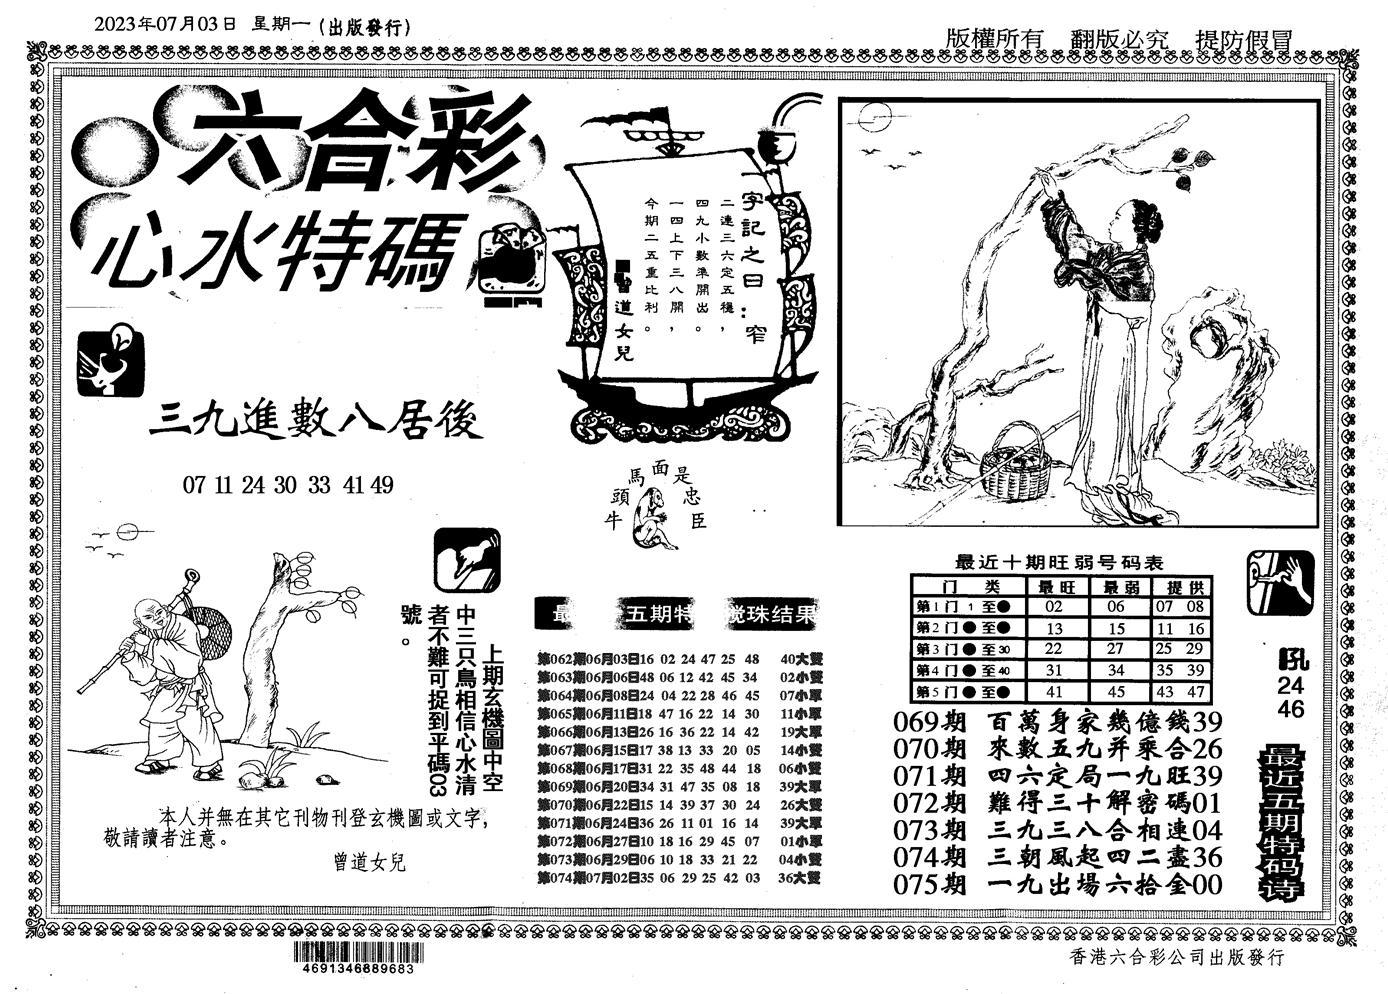 075期心水特码信封(黑白)